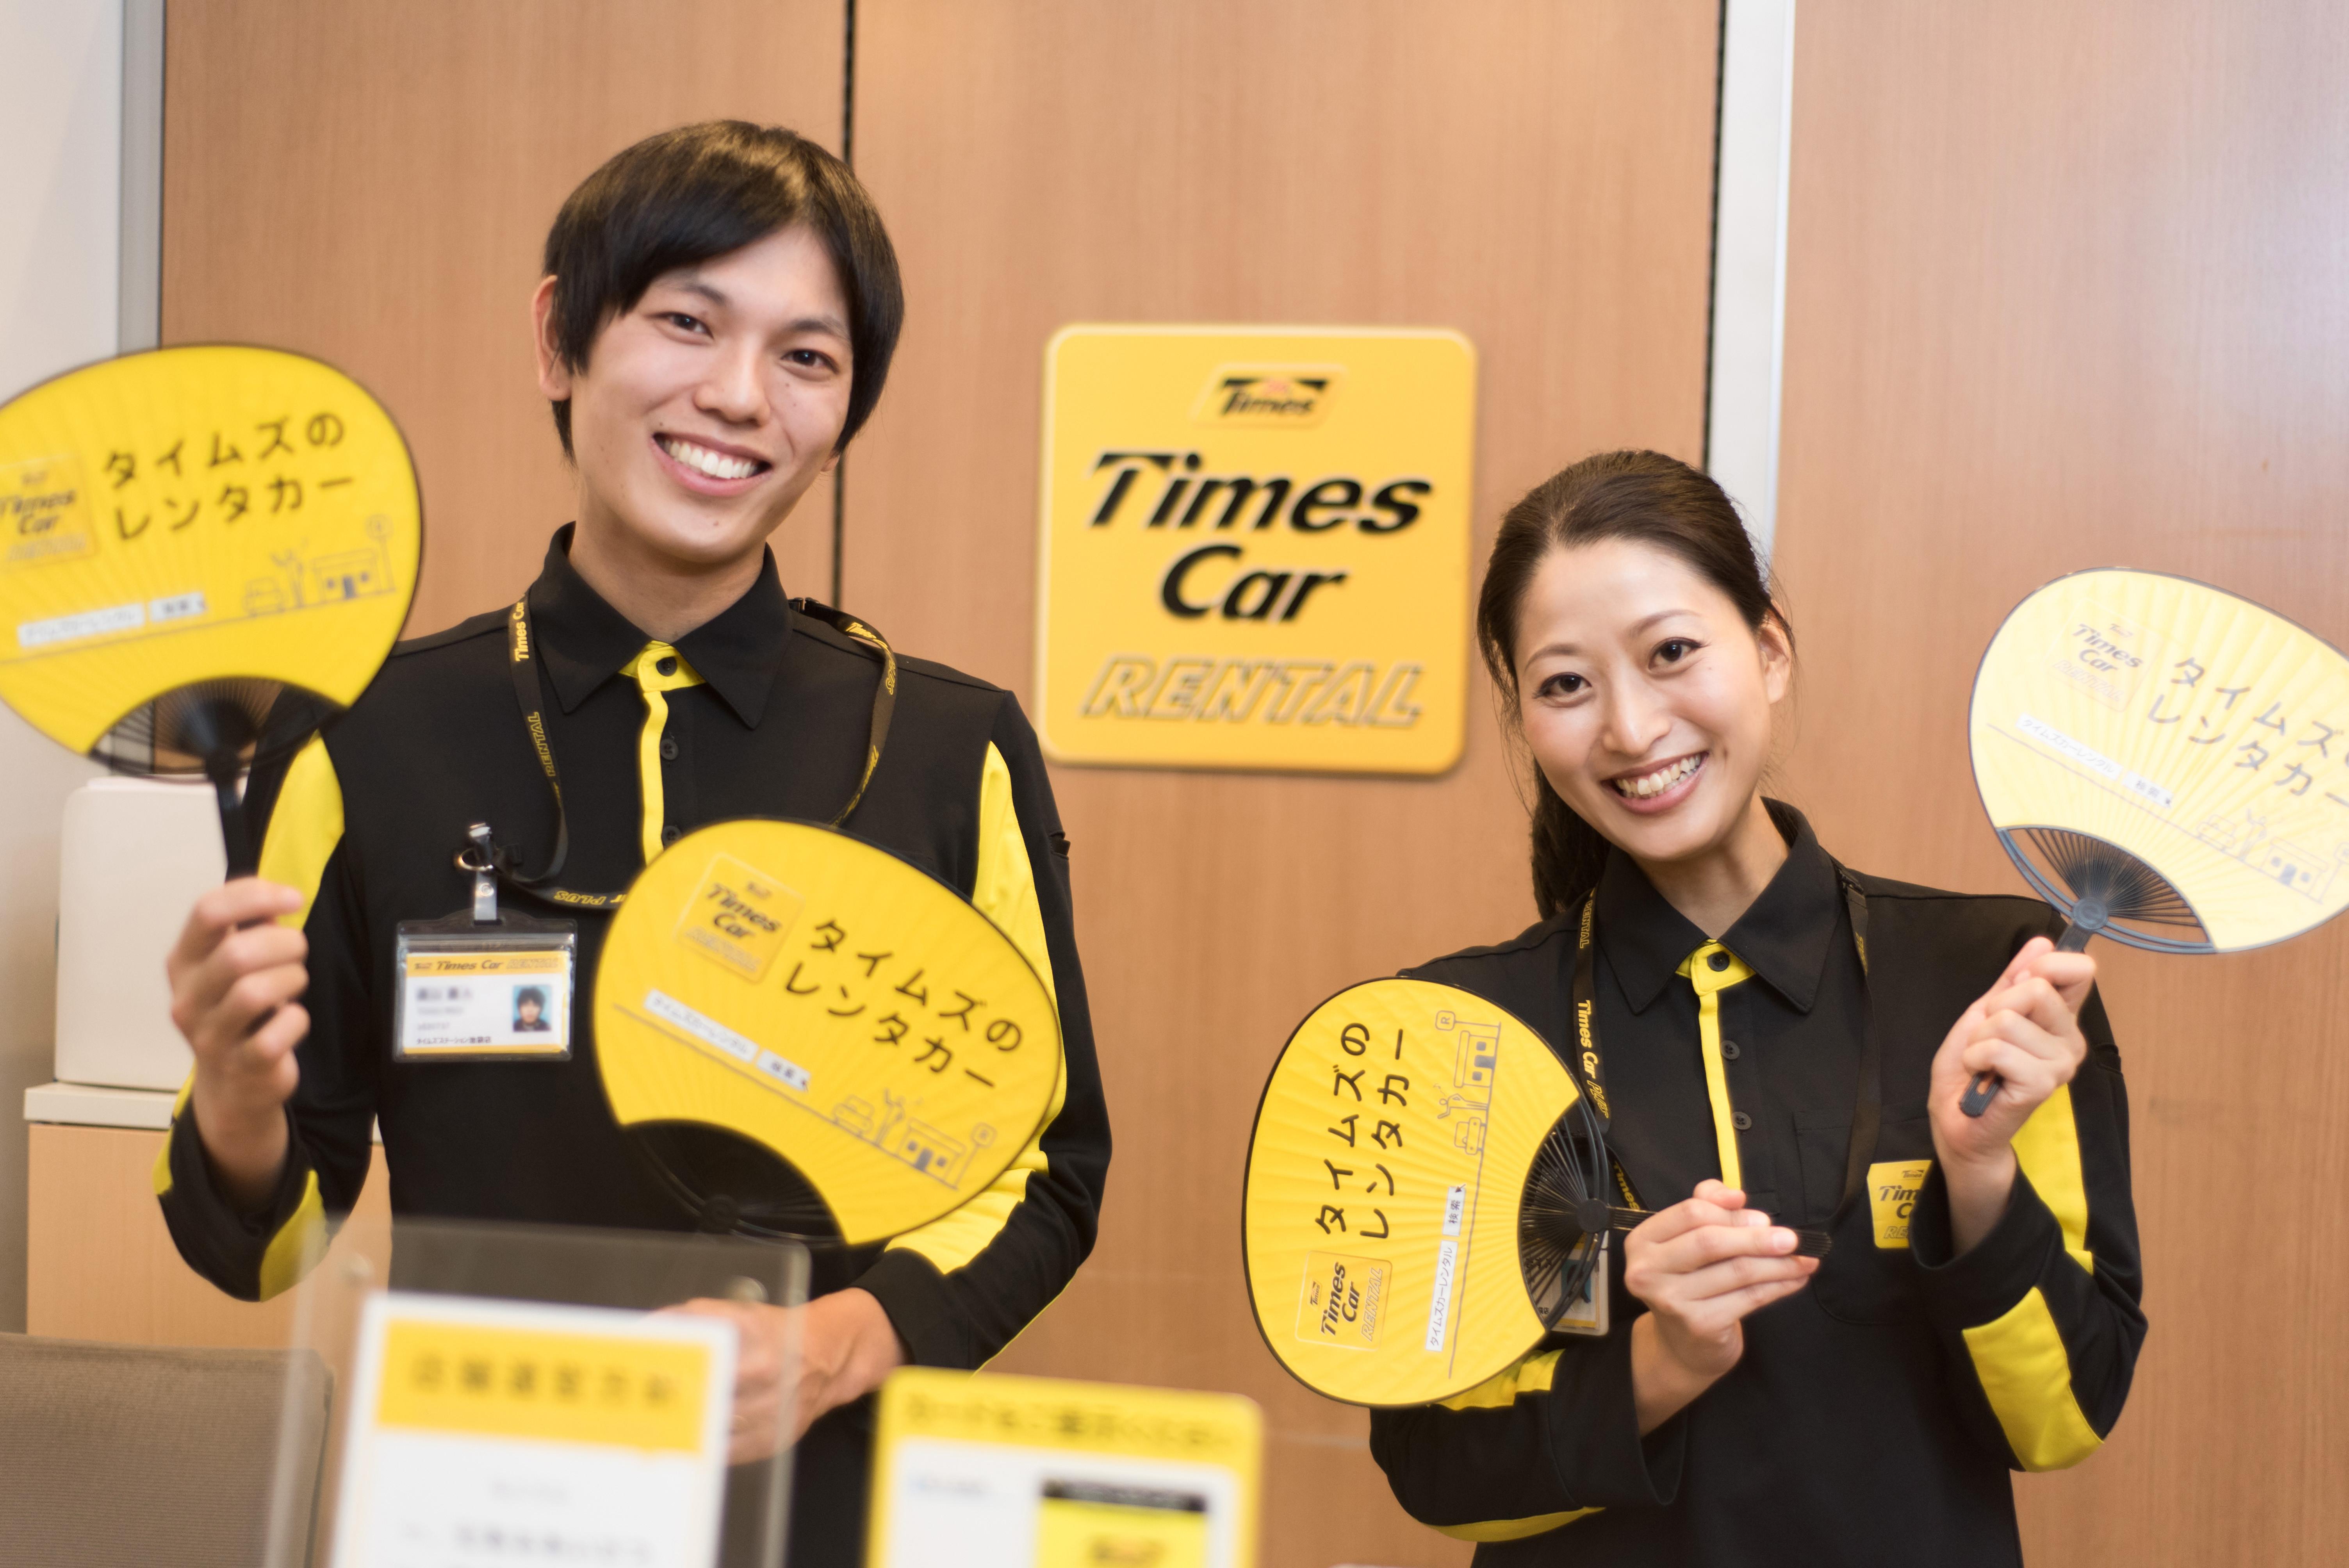 タイムズカーレンタル 博多駅前店 回送・送迎ドライバーのアルバイト情報